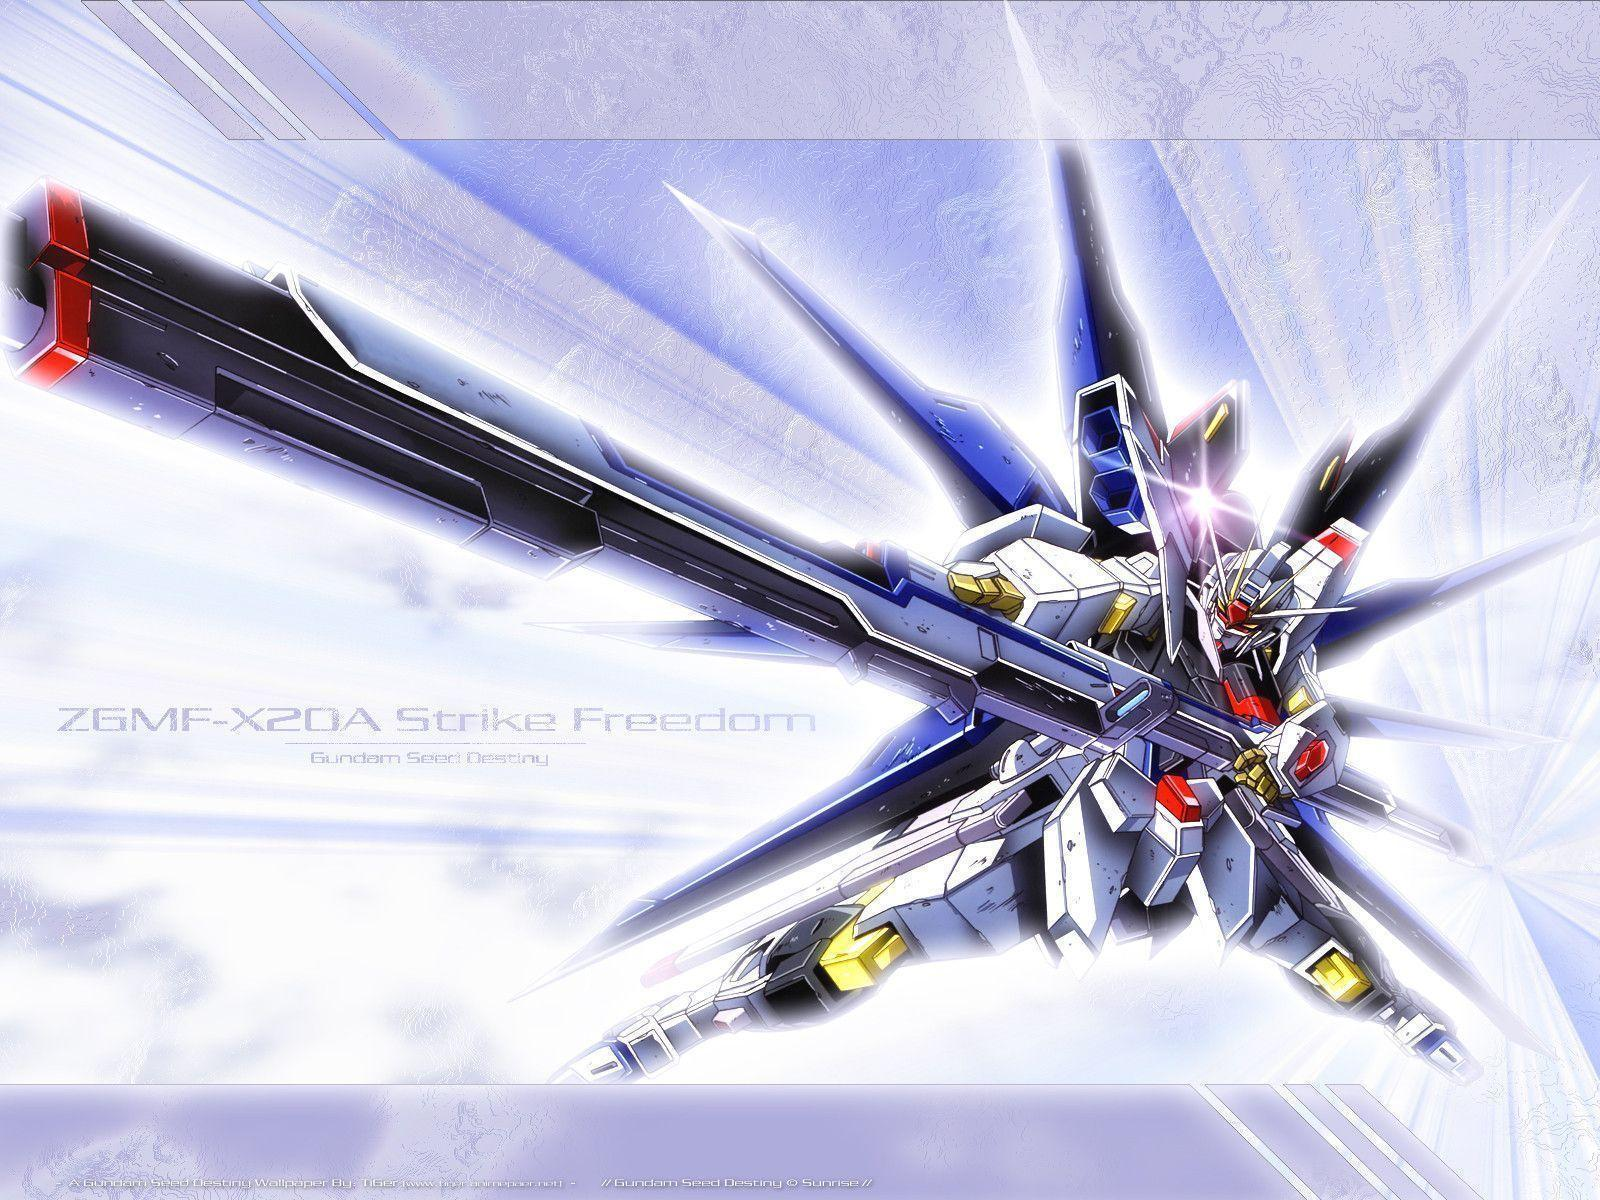 GSD - Gundam Seed Destiny Wallpaper (24471448) - Fanpop